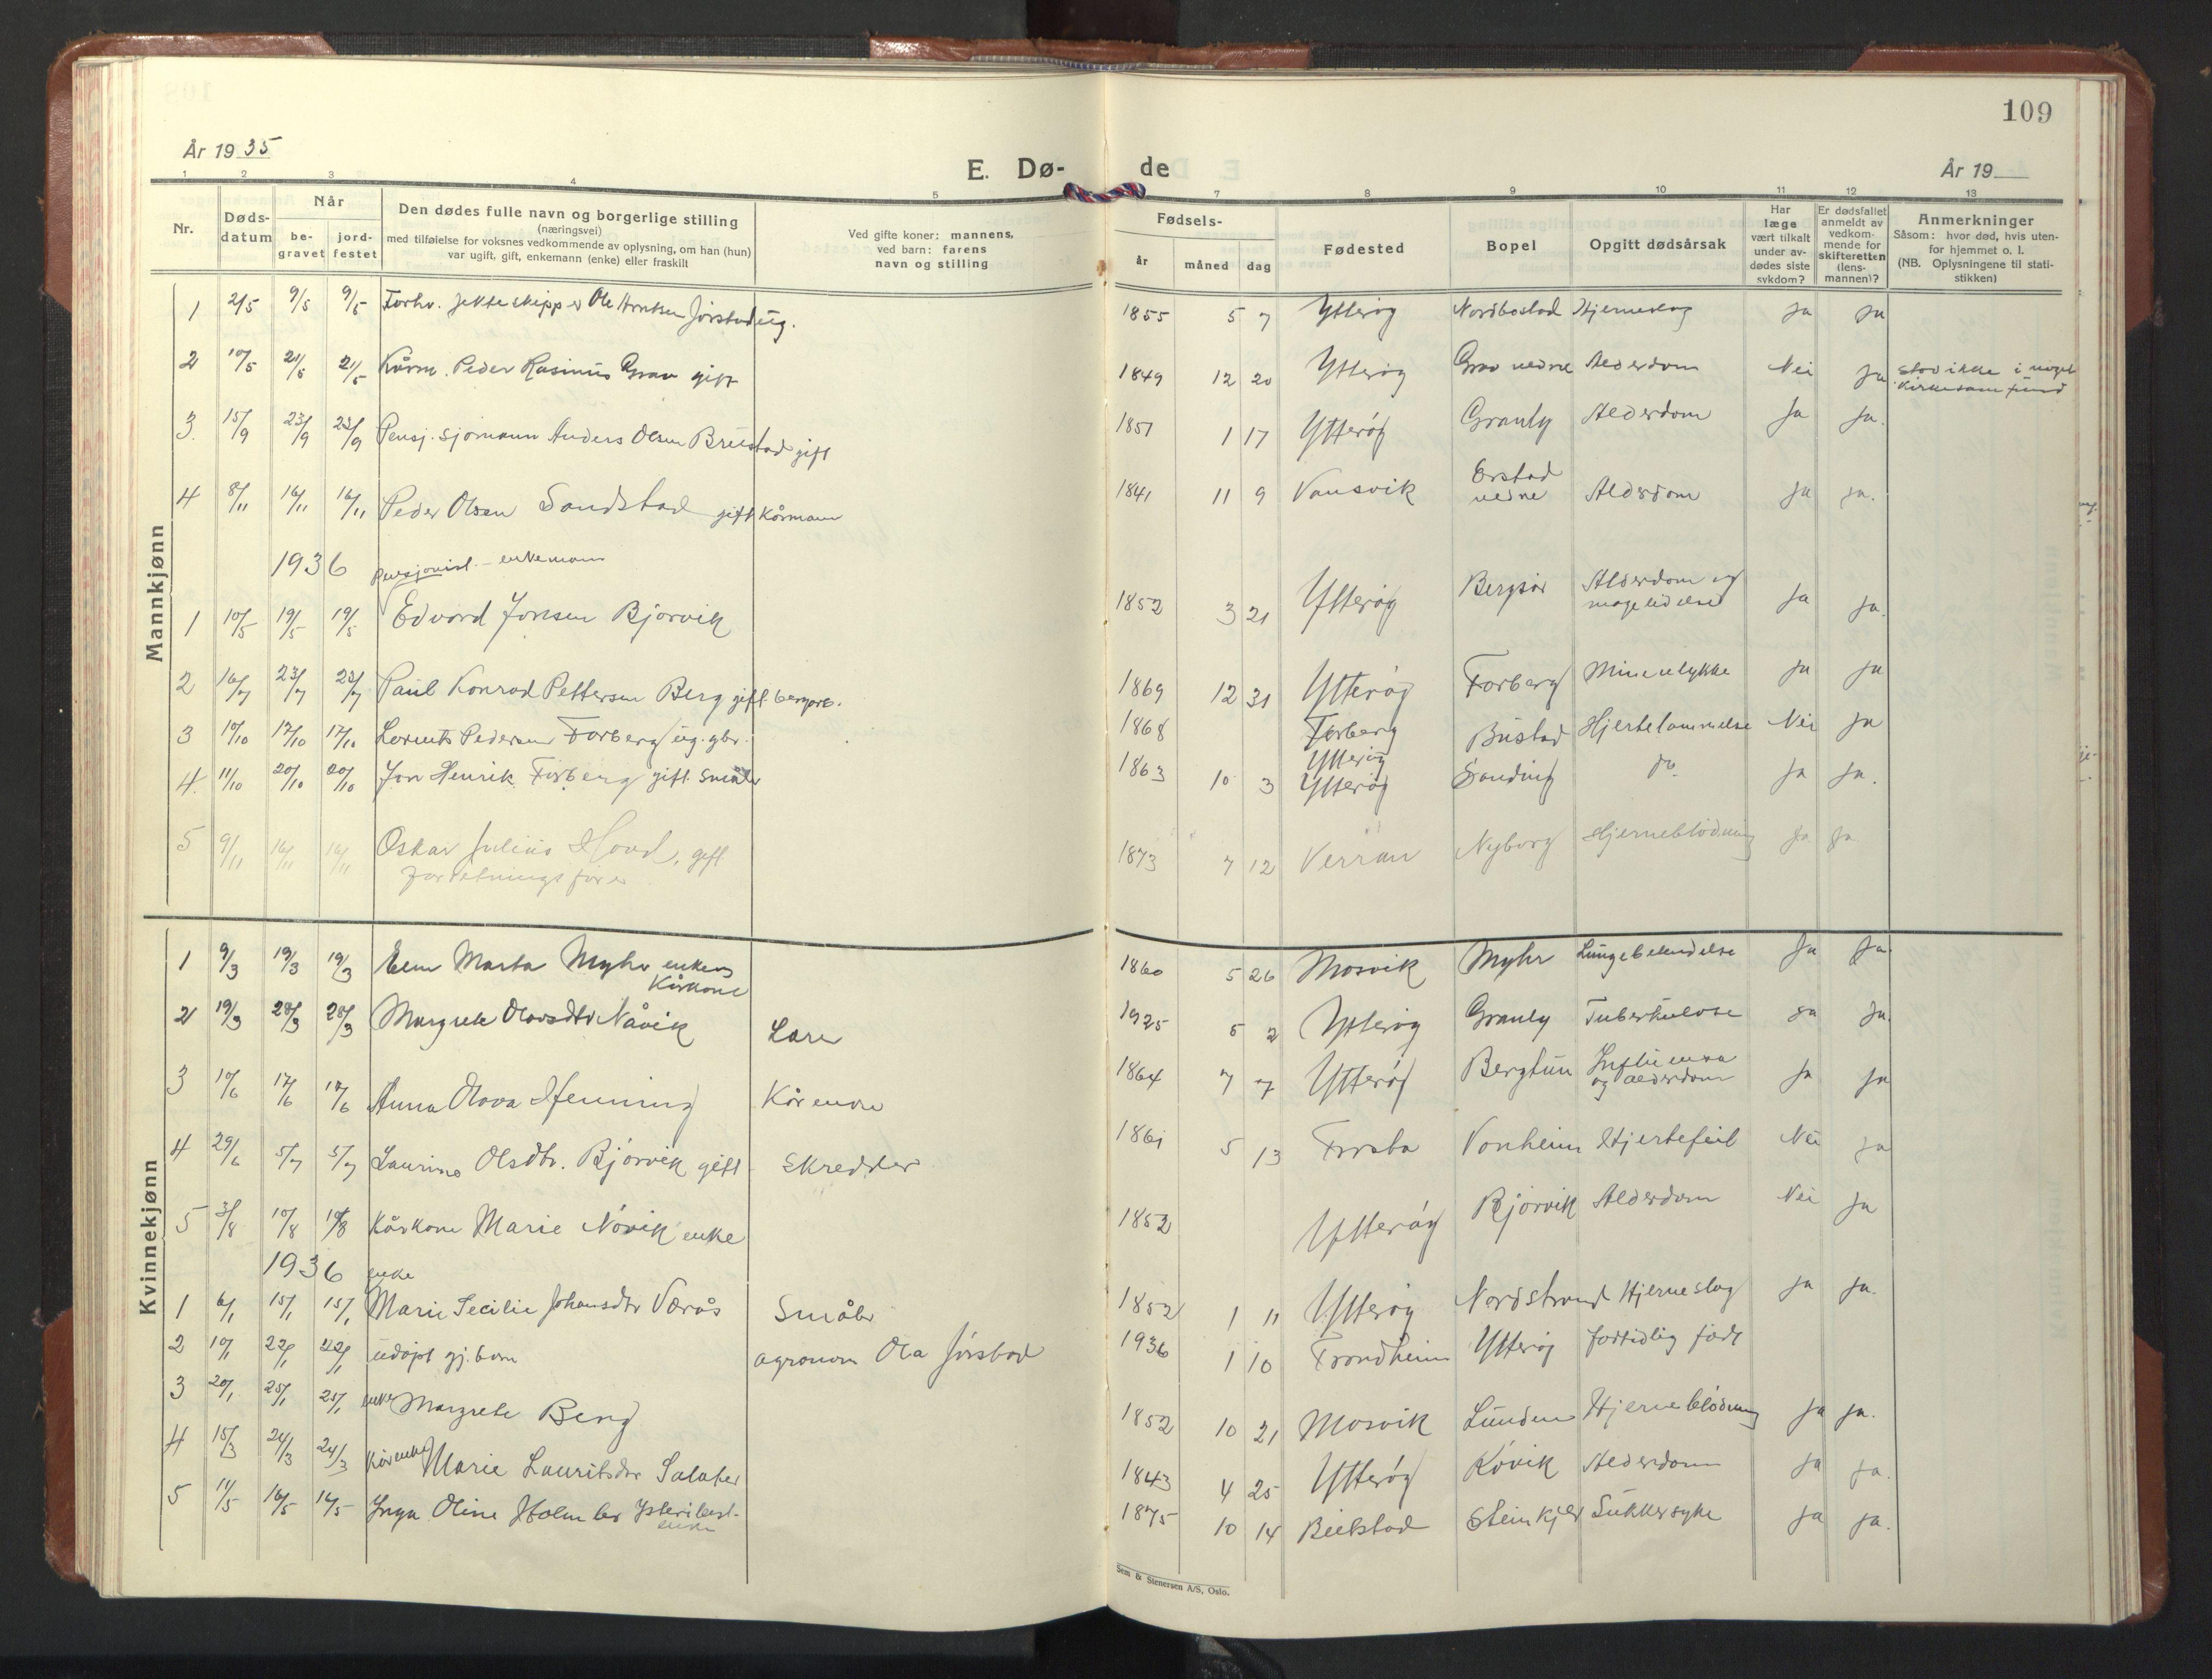 SAT, Ministerialprotokoller, klokkerbøker og fødselsregistre - Nord-Trøndelag, 722/L0227: Klokkerbok nr. 722C03, 1928-1958, s. 109